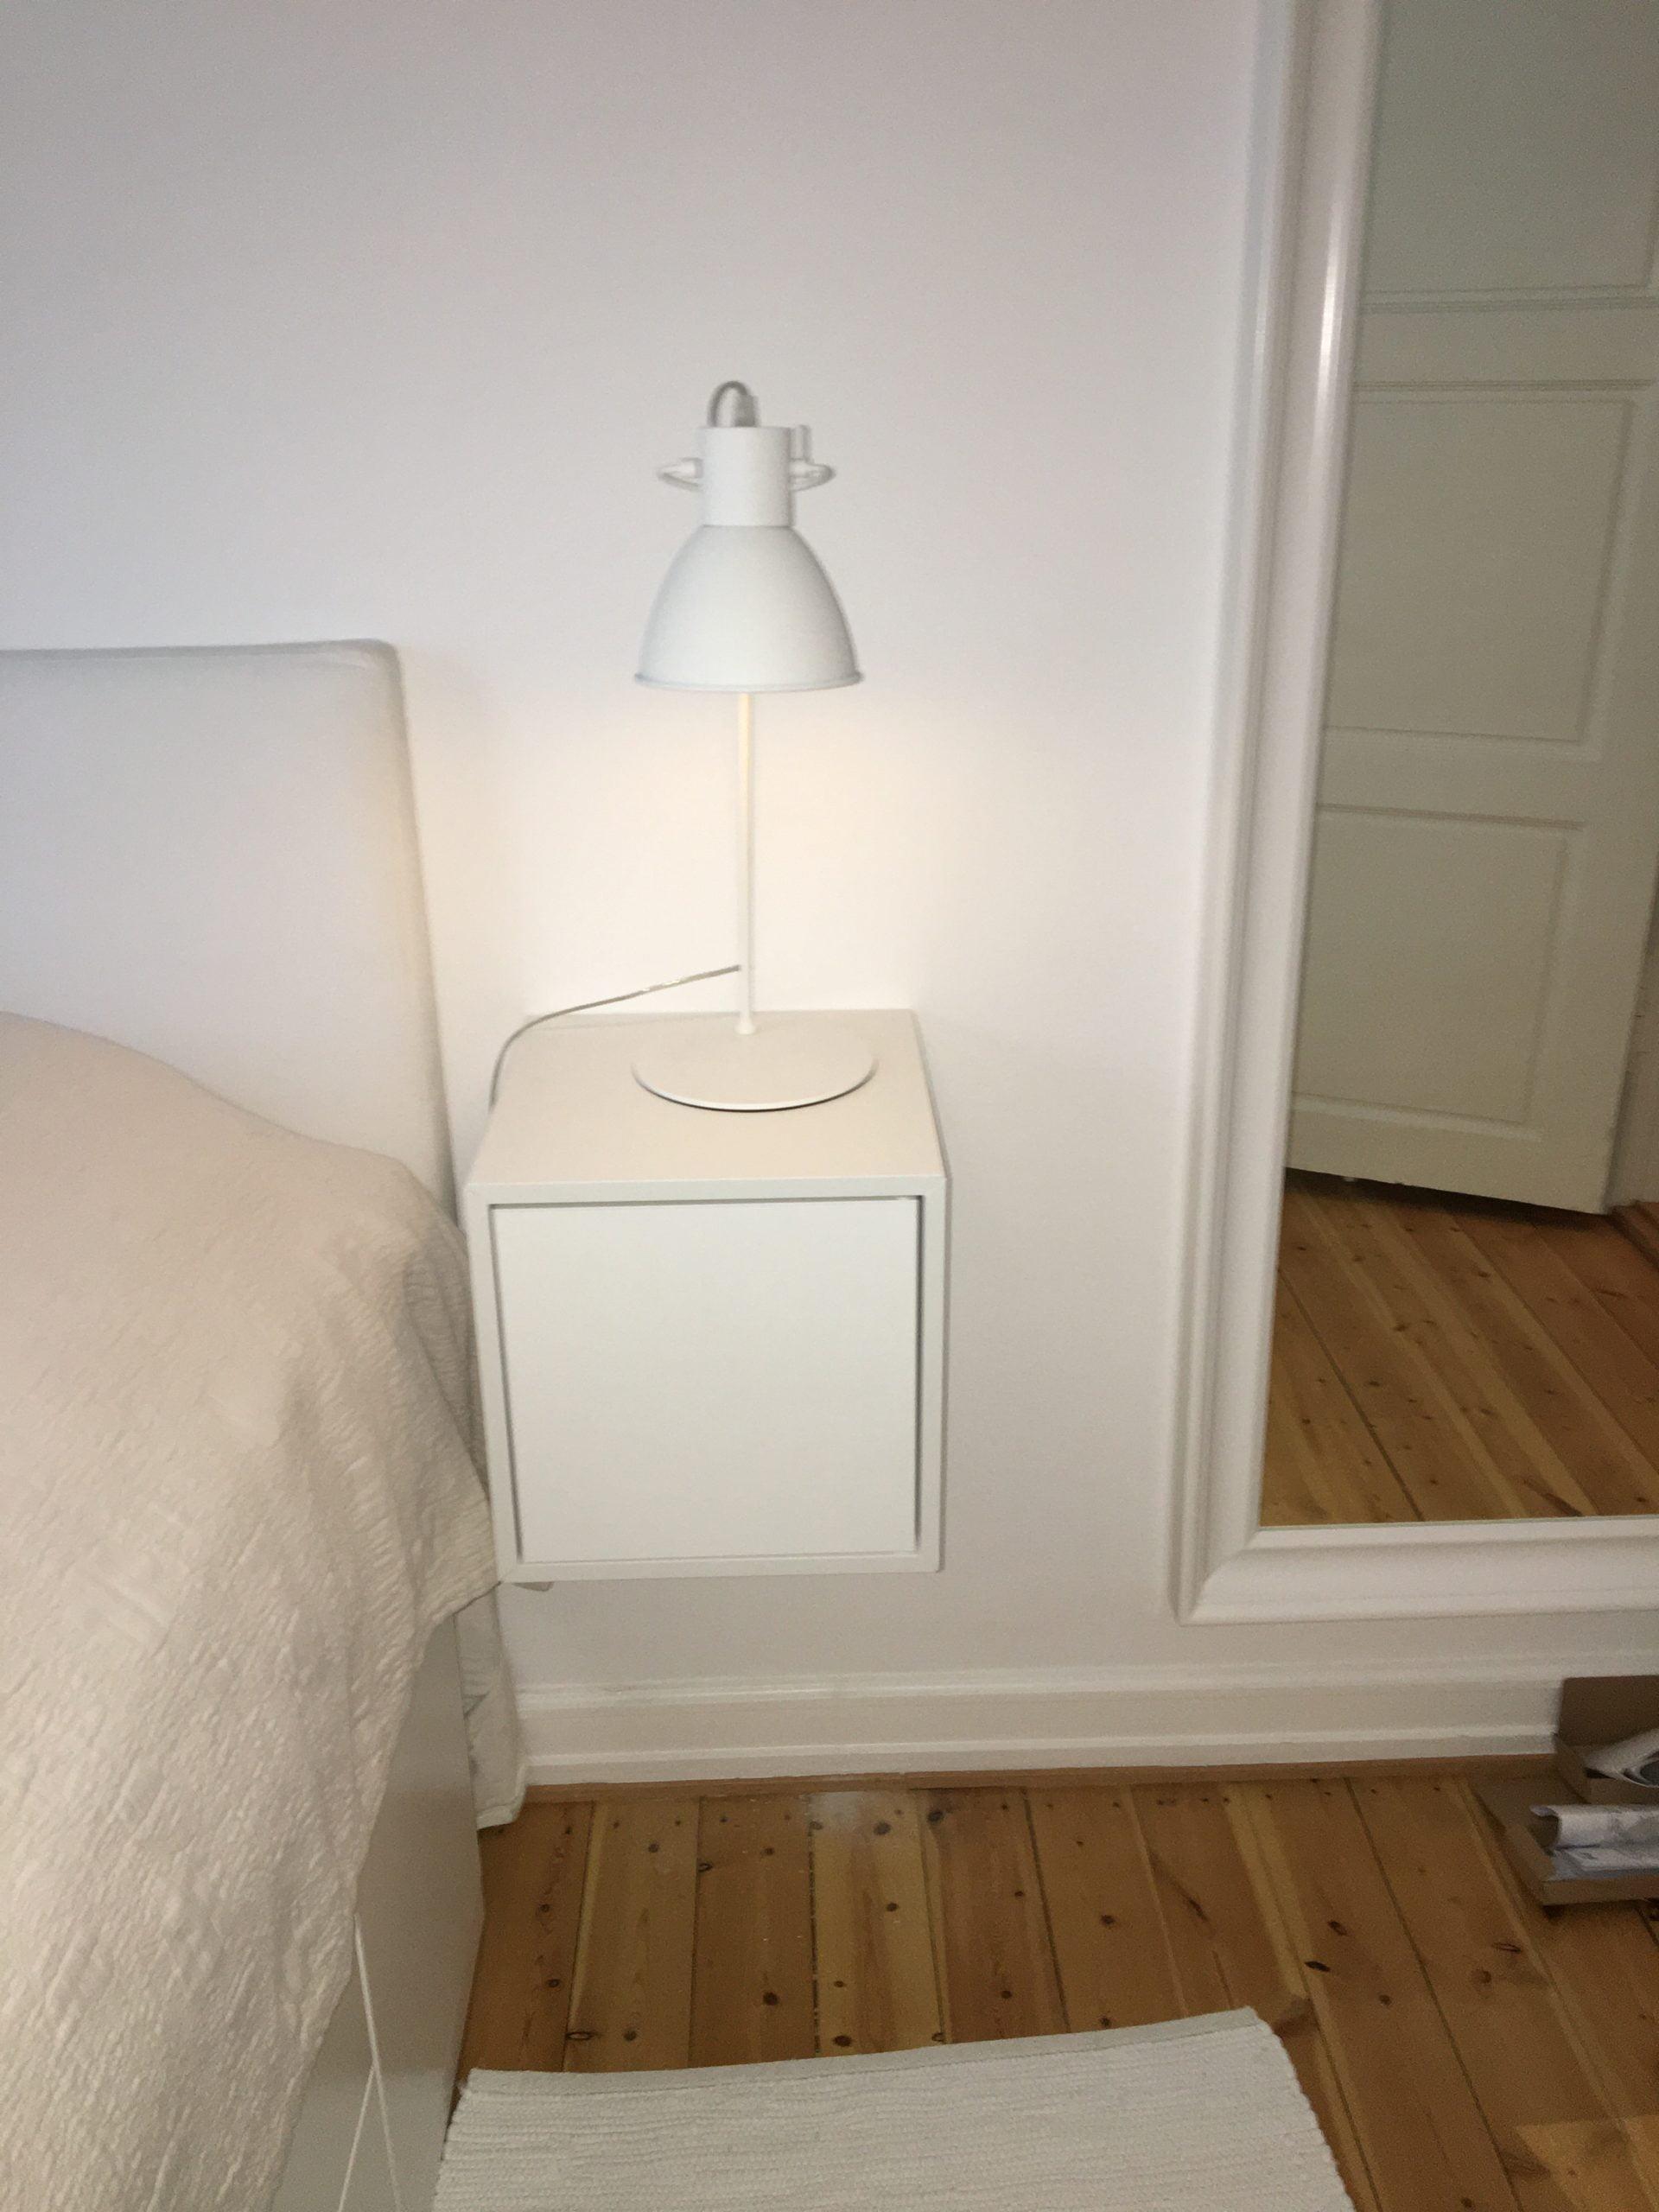 Picture of: Vaeg Montering Ophaengning Af Ikea Eket Natborde Homesetup Dk